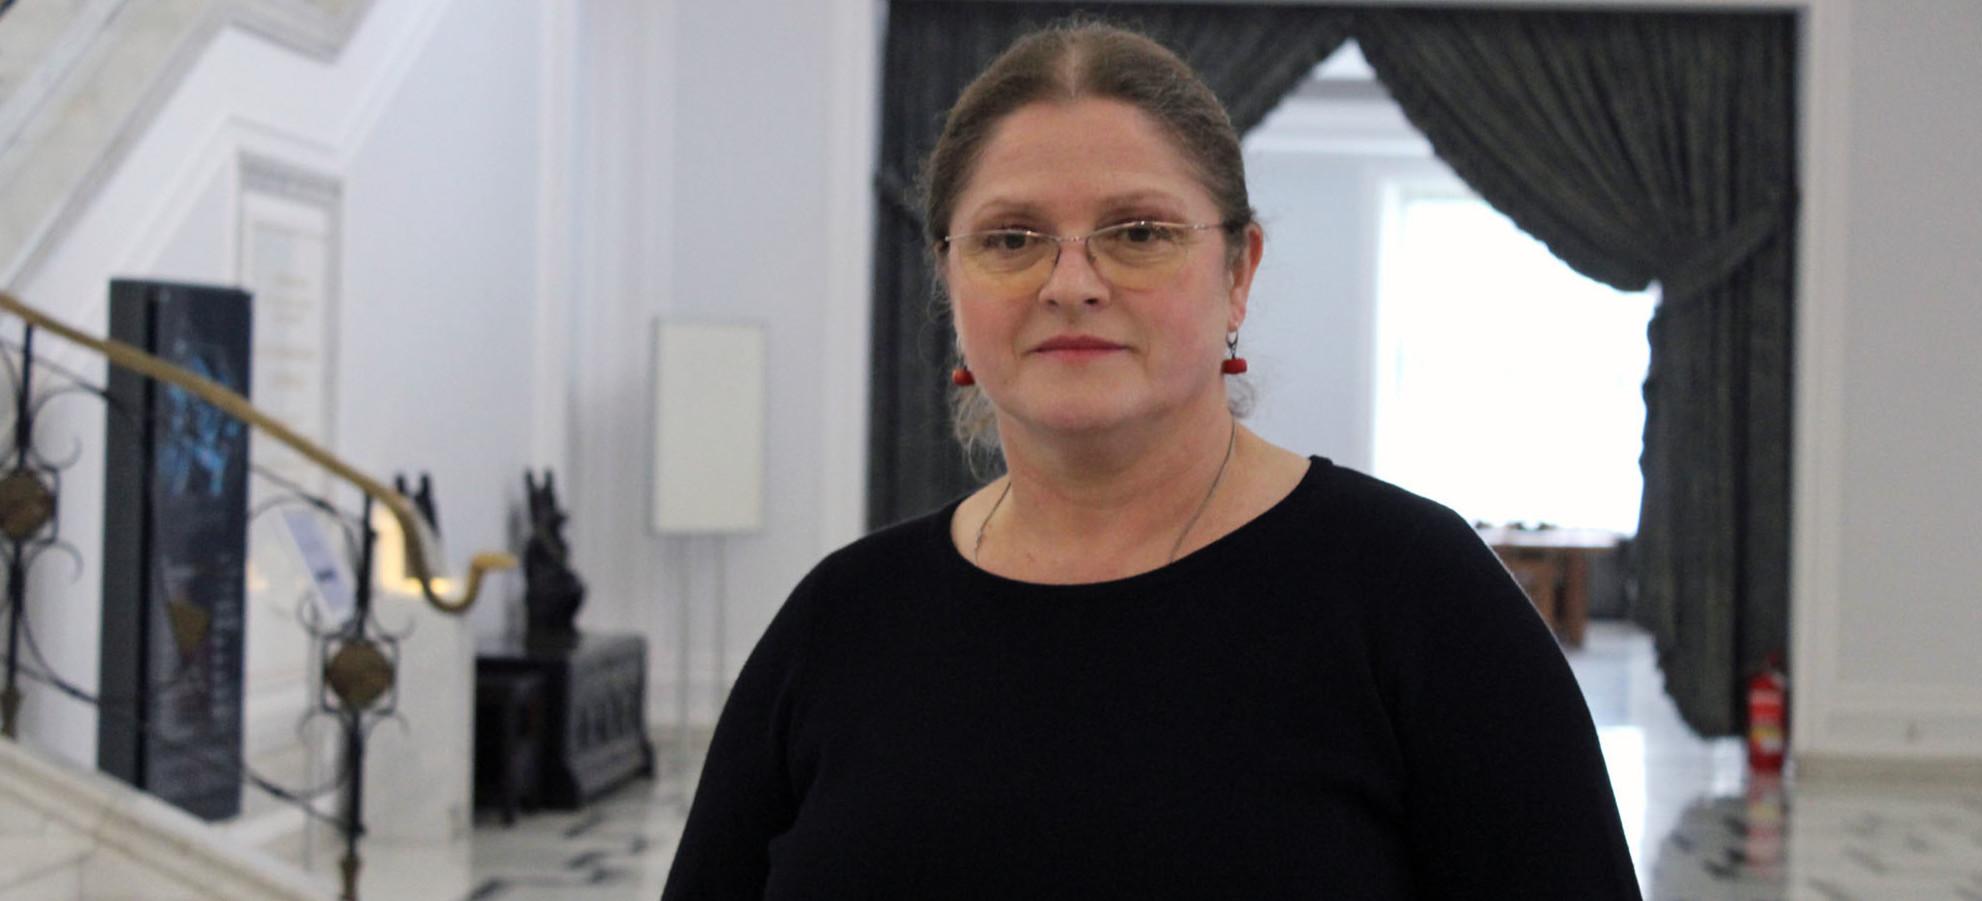 Krystyna Pawłowicz komentuje obrazy Beksińskiego. Polityczne interpretacje